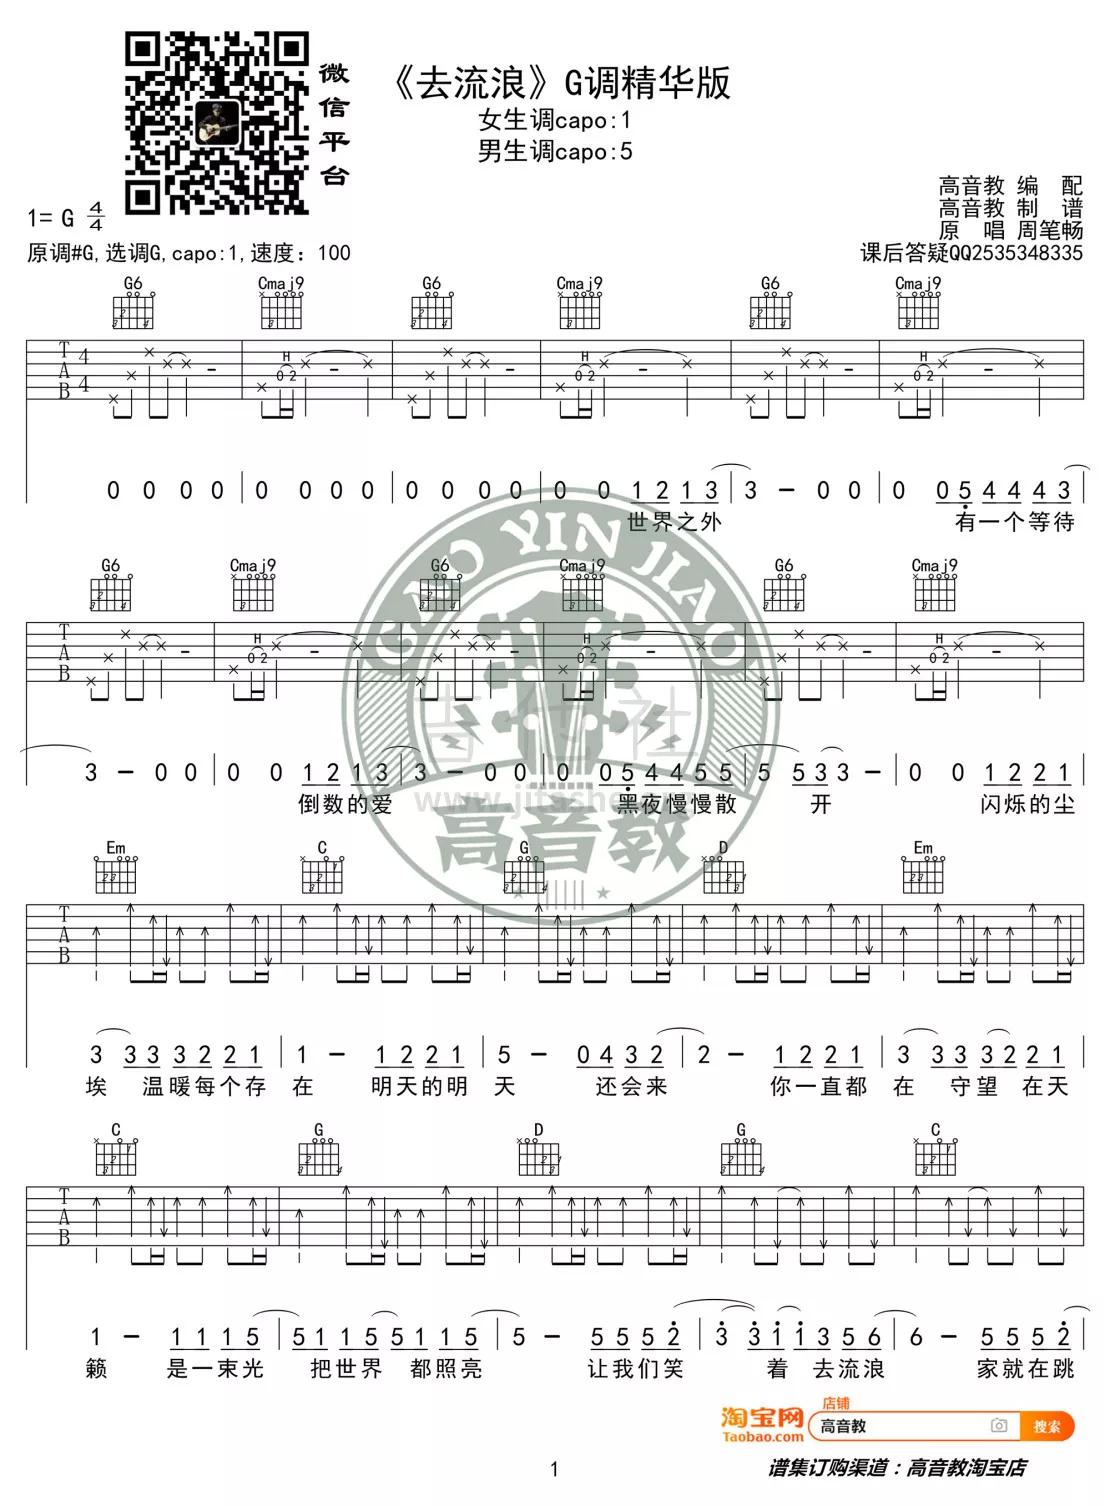 去流浪-周筆暢-图片吉他谱-1